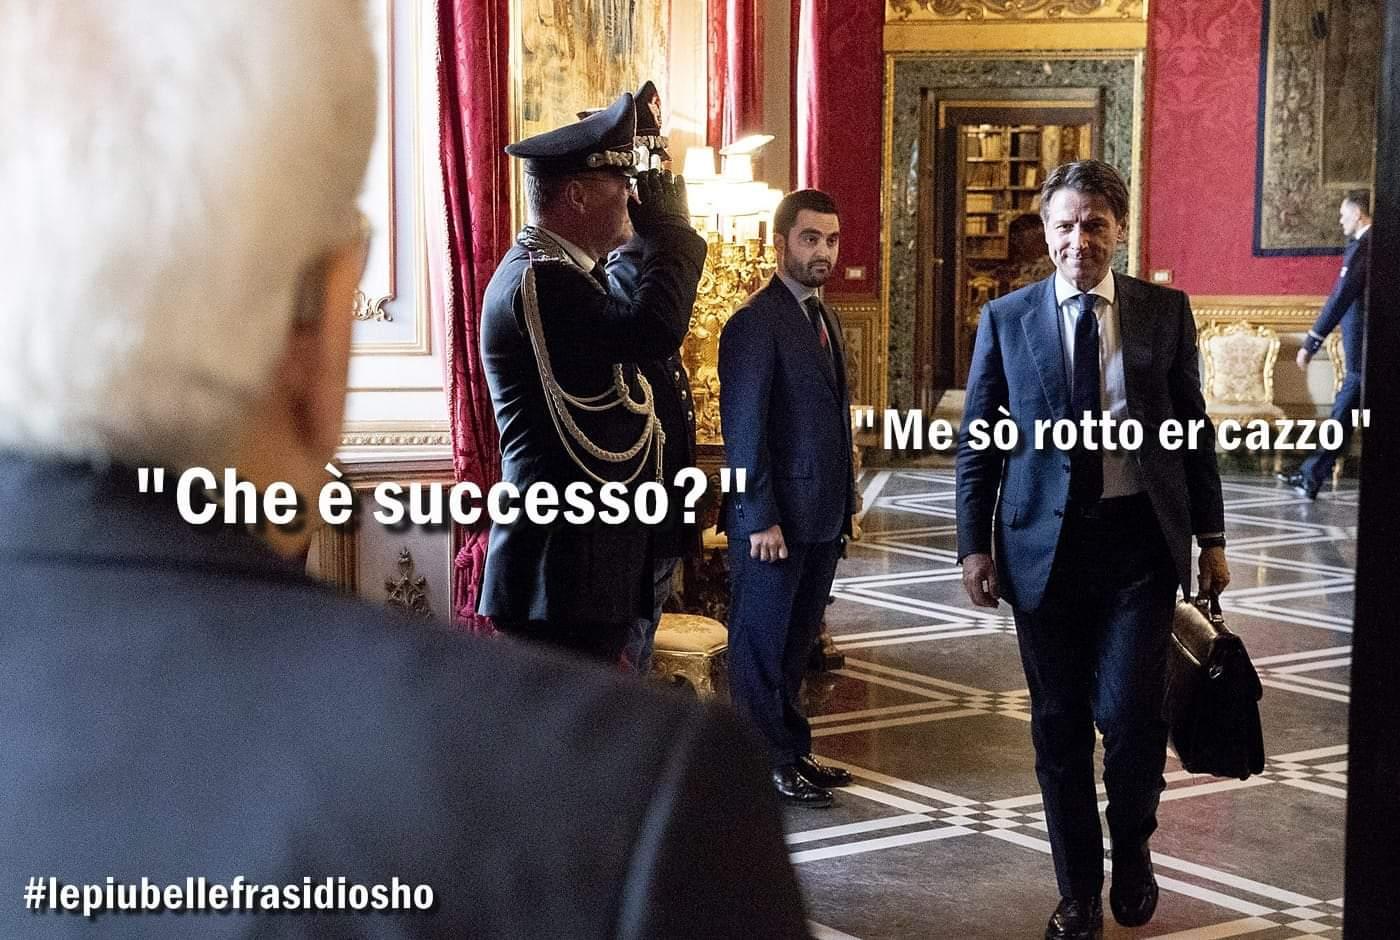 #DecretoSicurezzabis, ancora liti. #Conte sale al #Quirinale https://t.co/7RVa55Nnbq